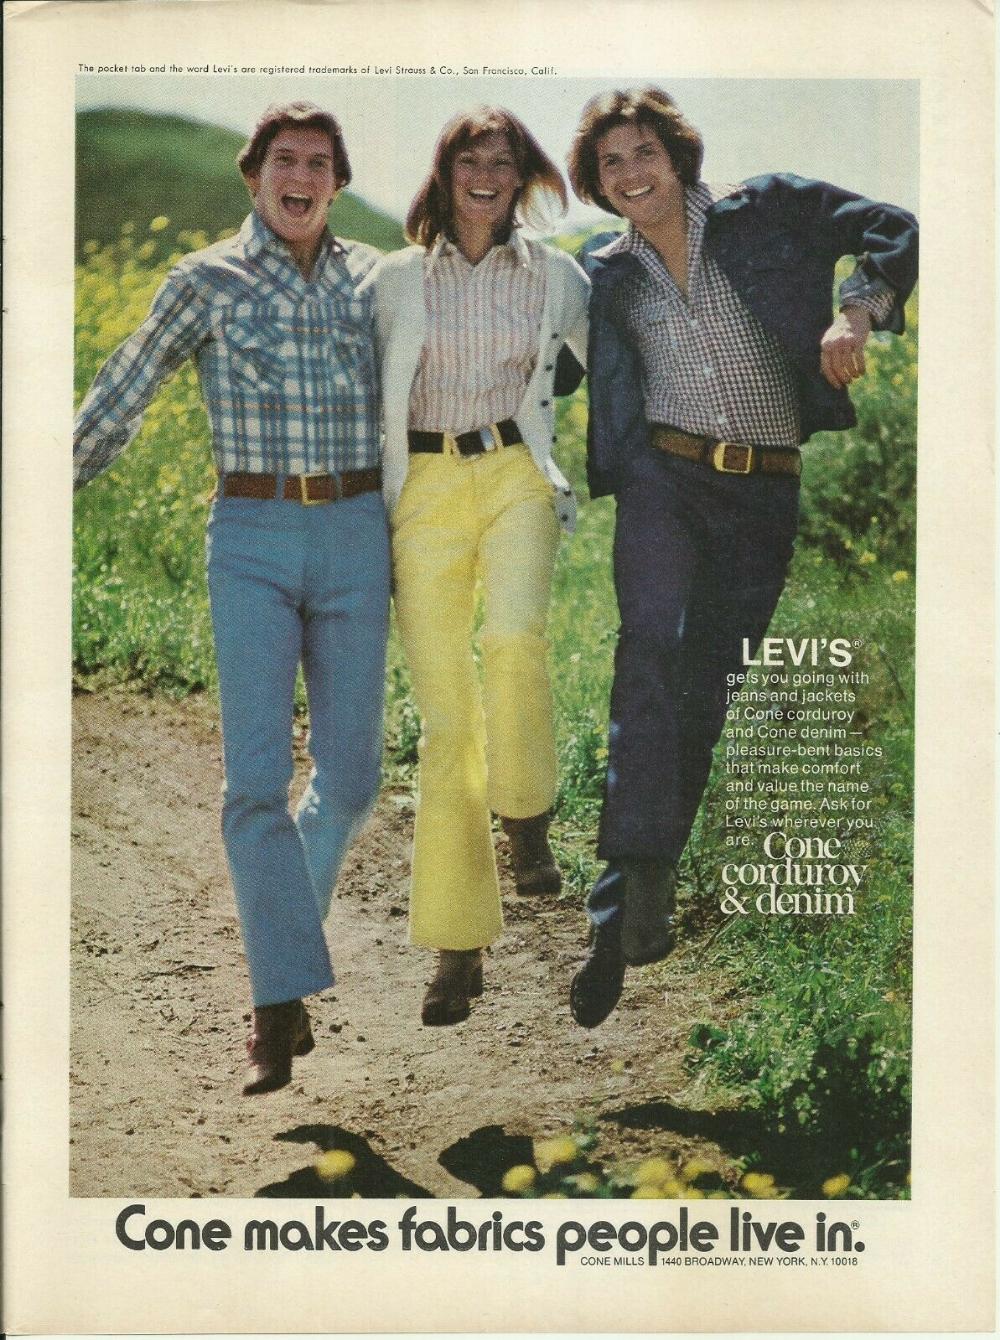 Details about 1974 Levi's Cone Corduroy & Denim Je